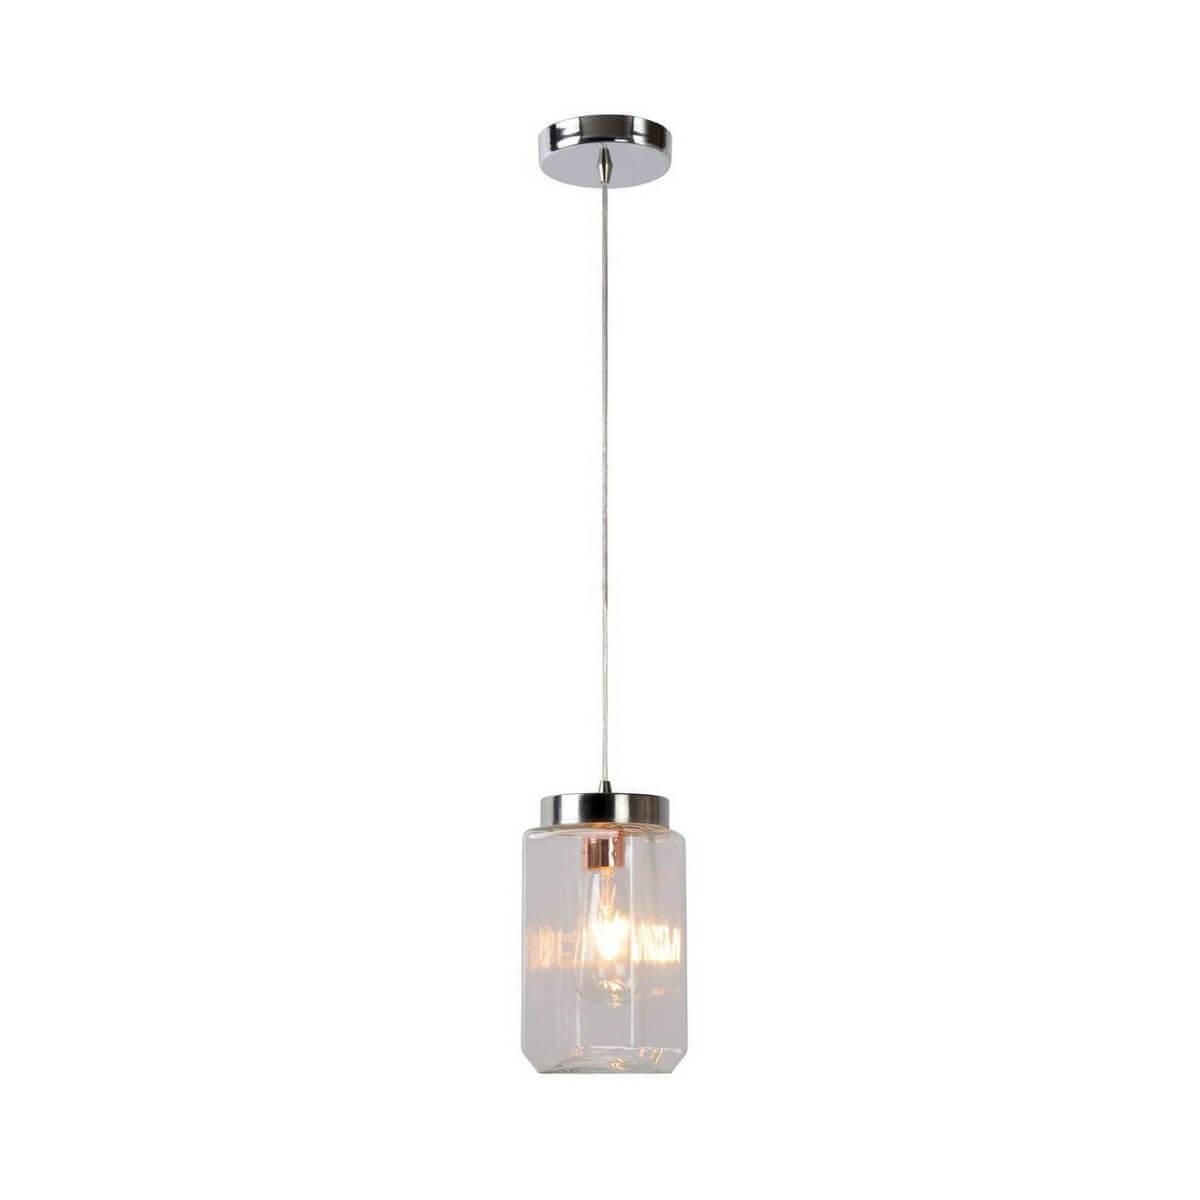 Подвесной светильник Lucide Epice 08412/01/60 все цены